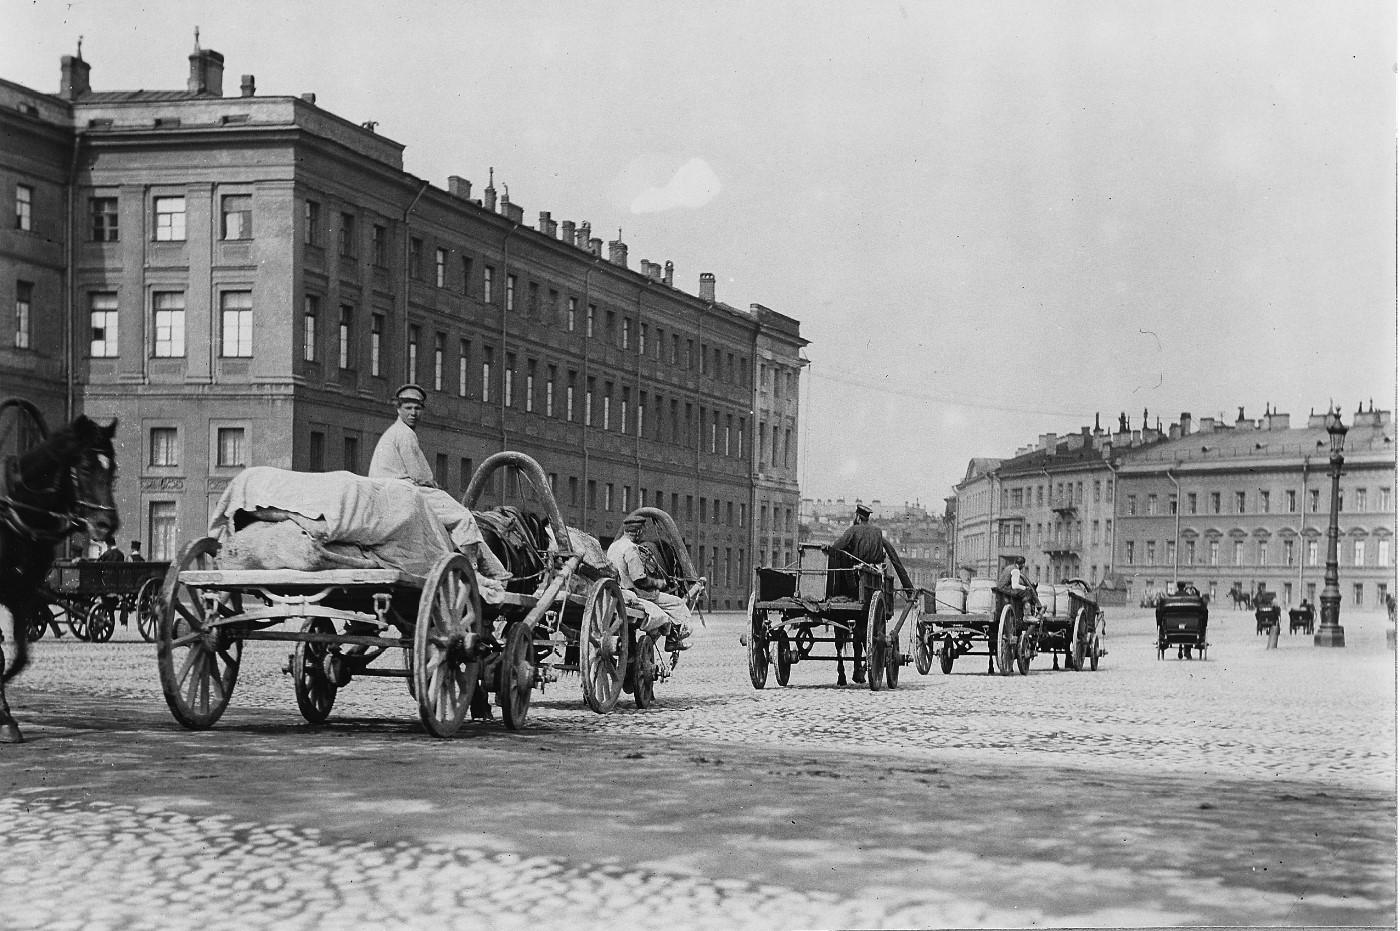 1911-1912. Извозчики на Дворцовой площади